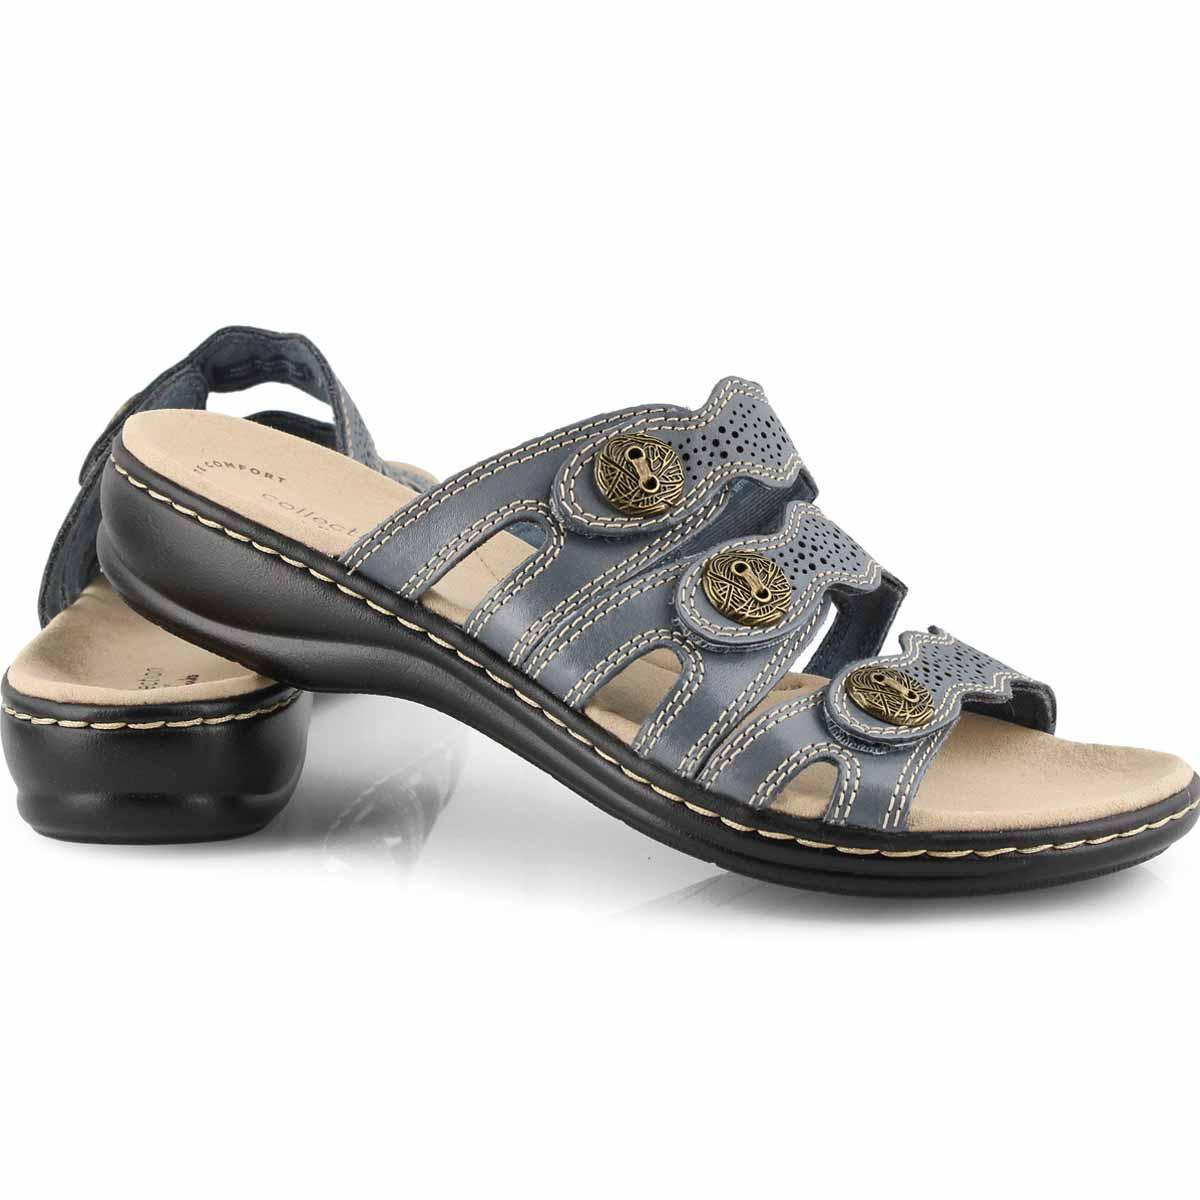 Lds Leisa Grace blue casual slide sandal